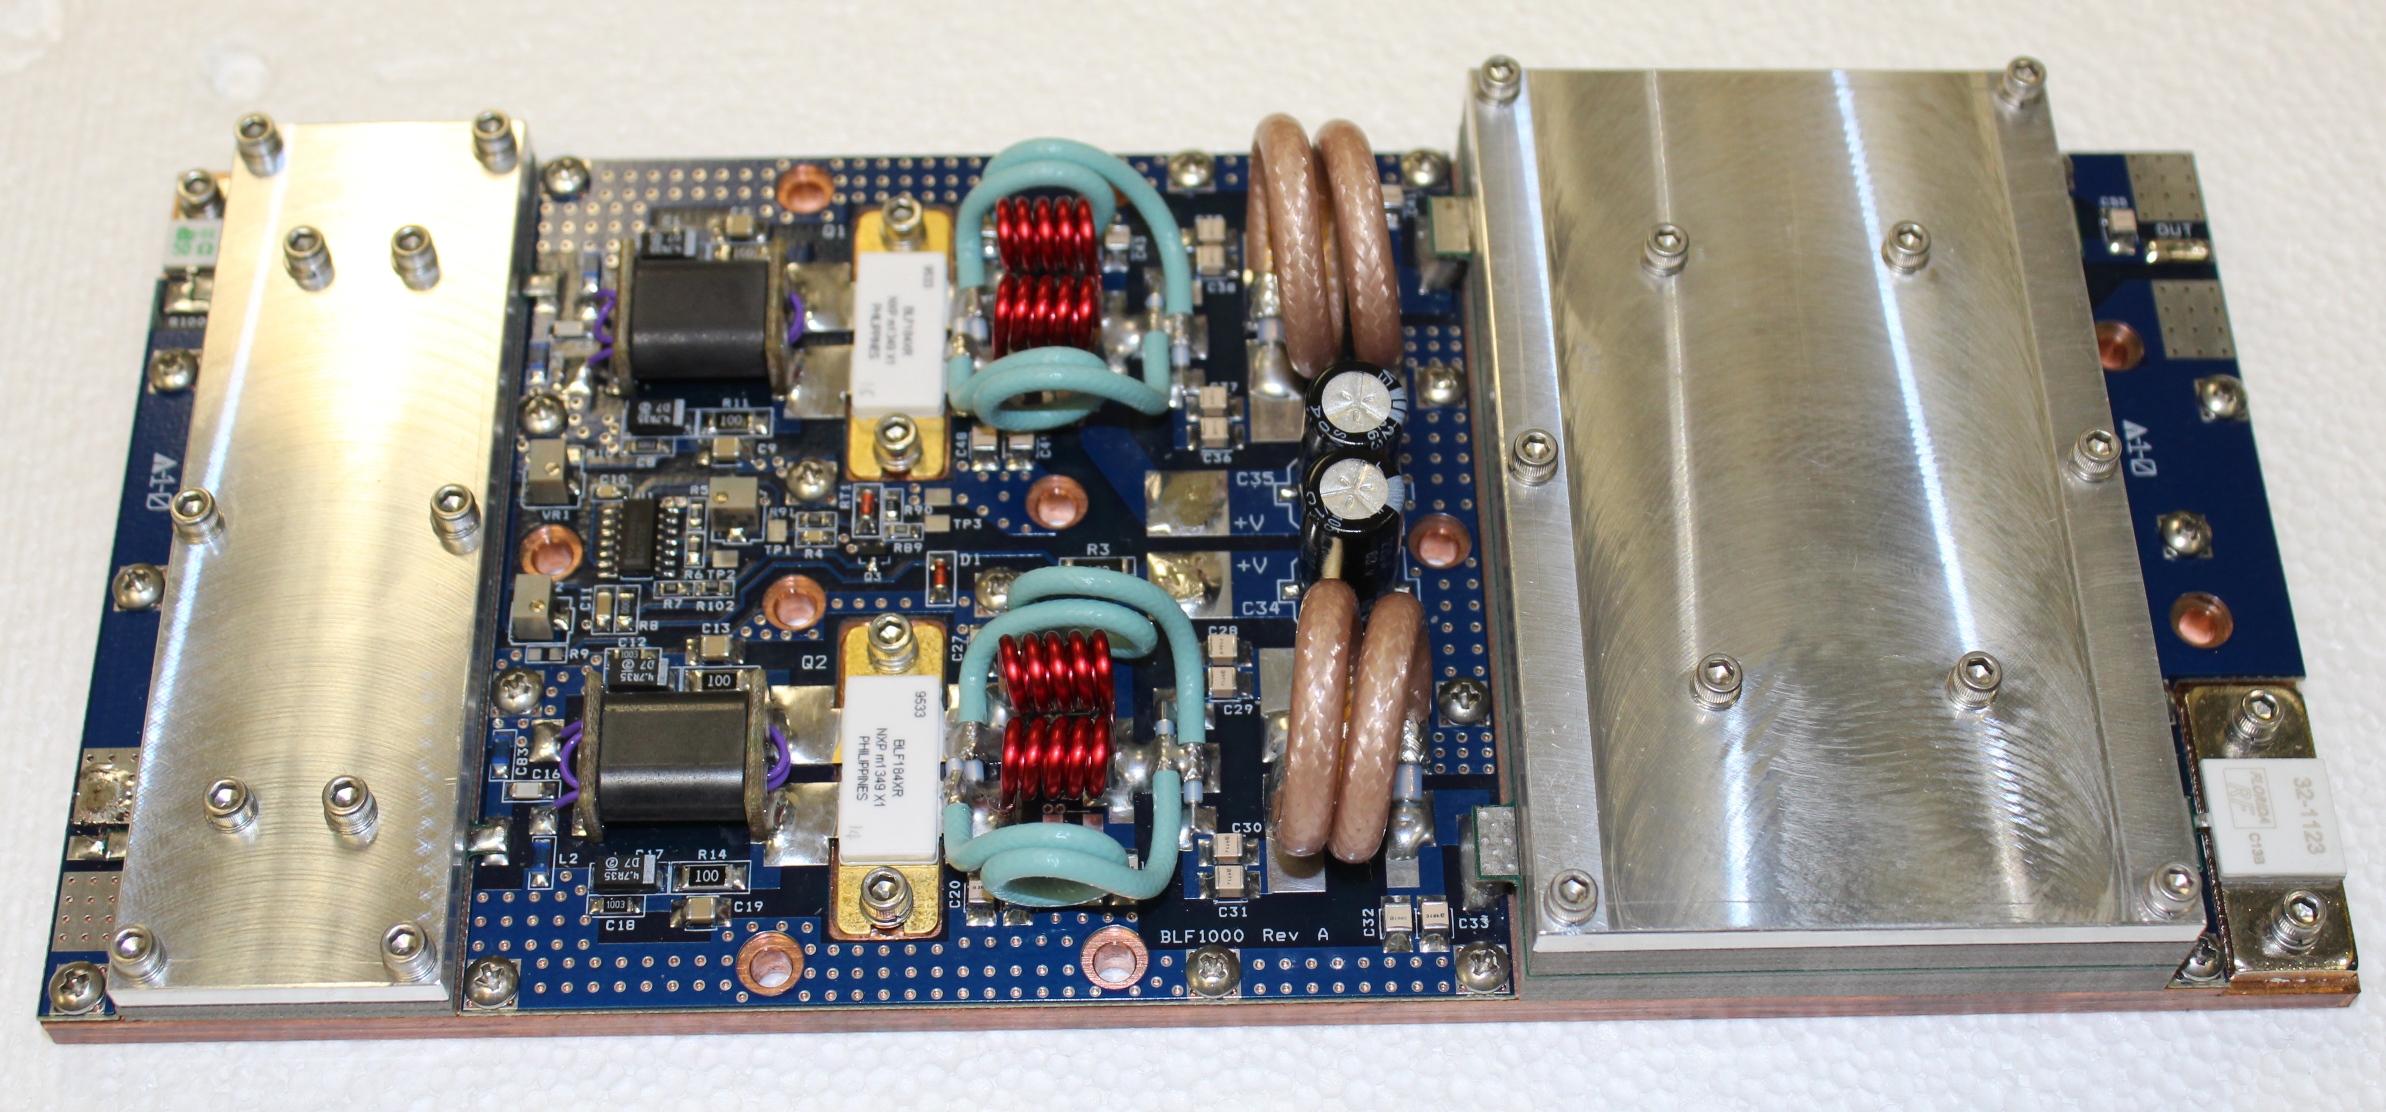 BLF184XR 1200W FM Pallet Amplfier